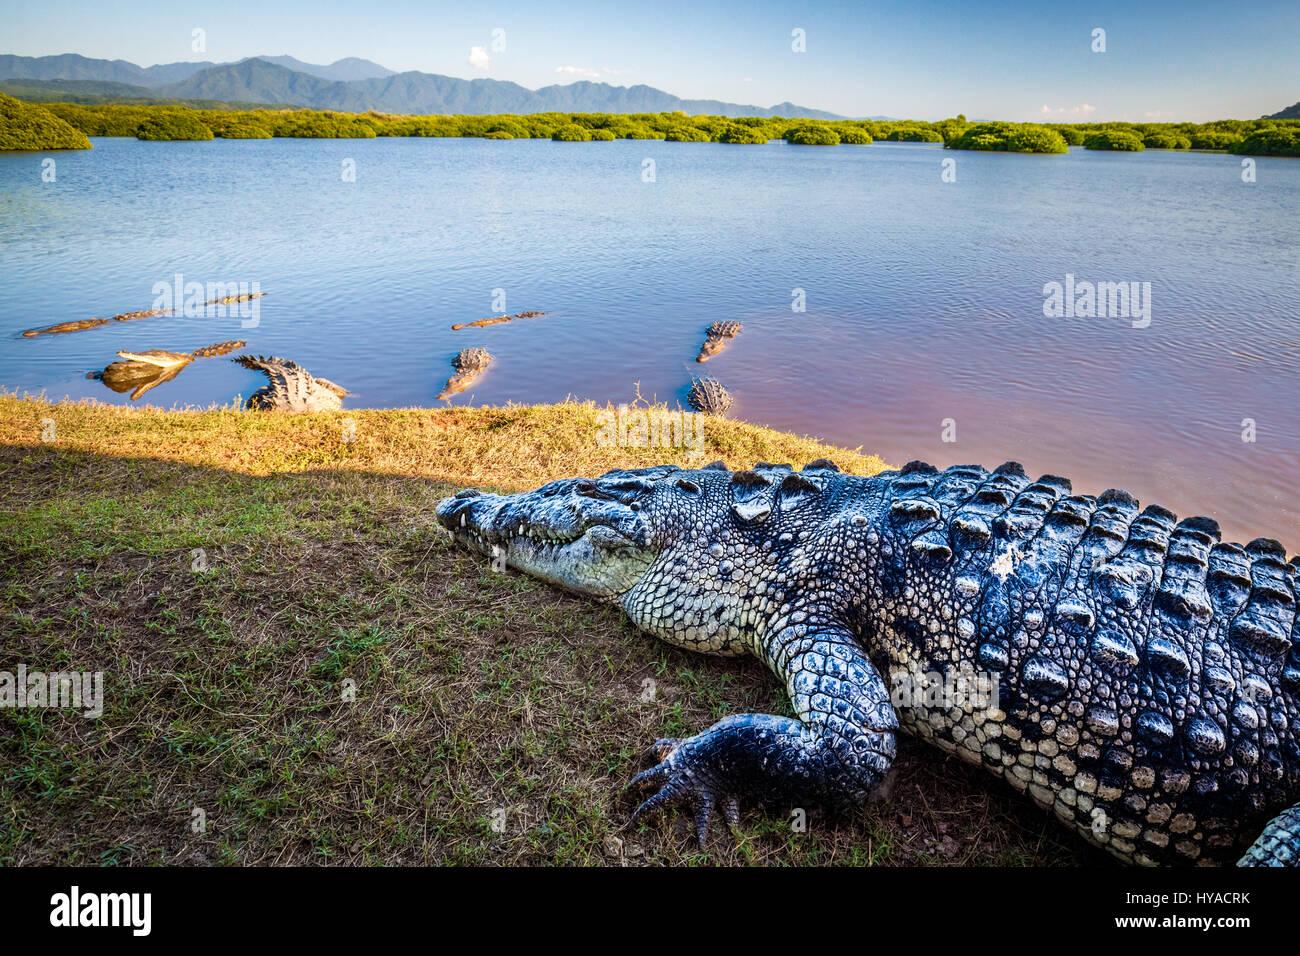 Several large crocodiles hang out near the mangroves of San Blas, Nayarit, Mexico. - Stock Image